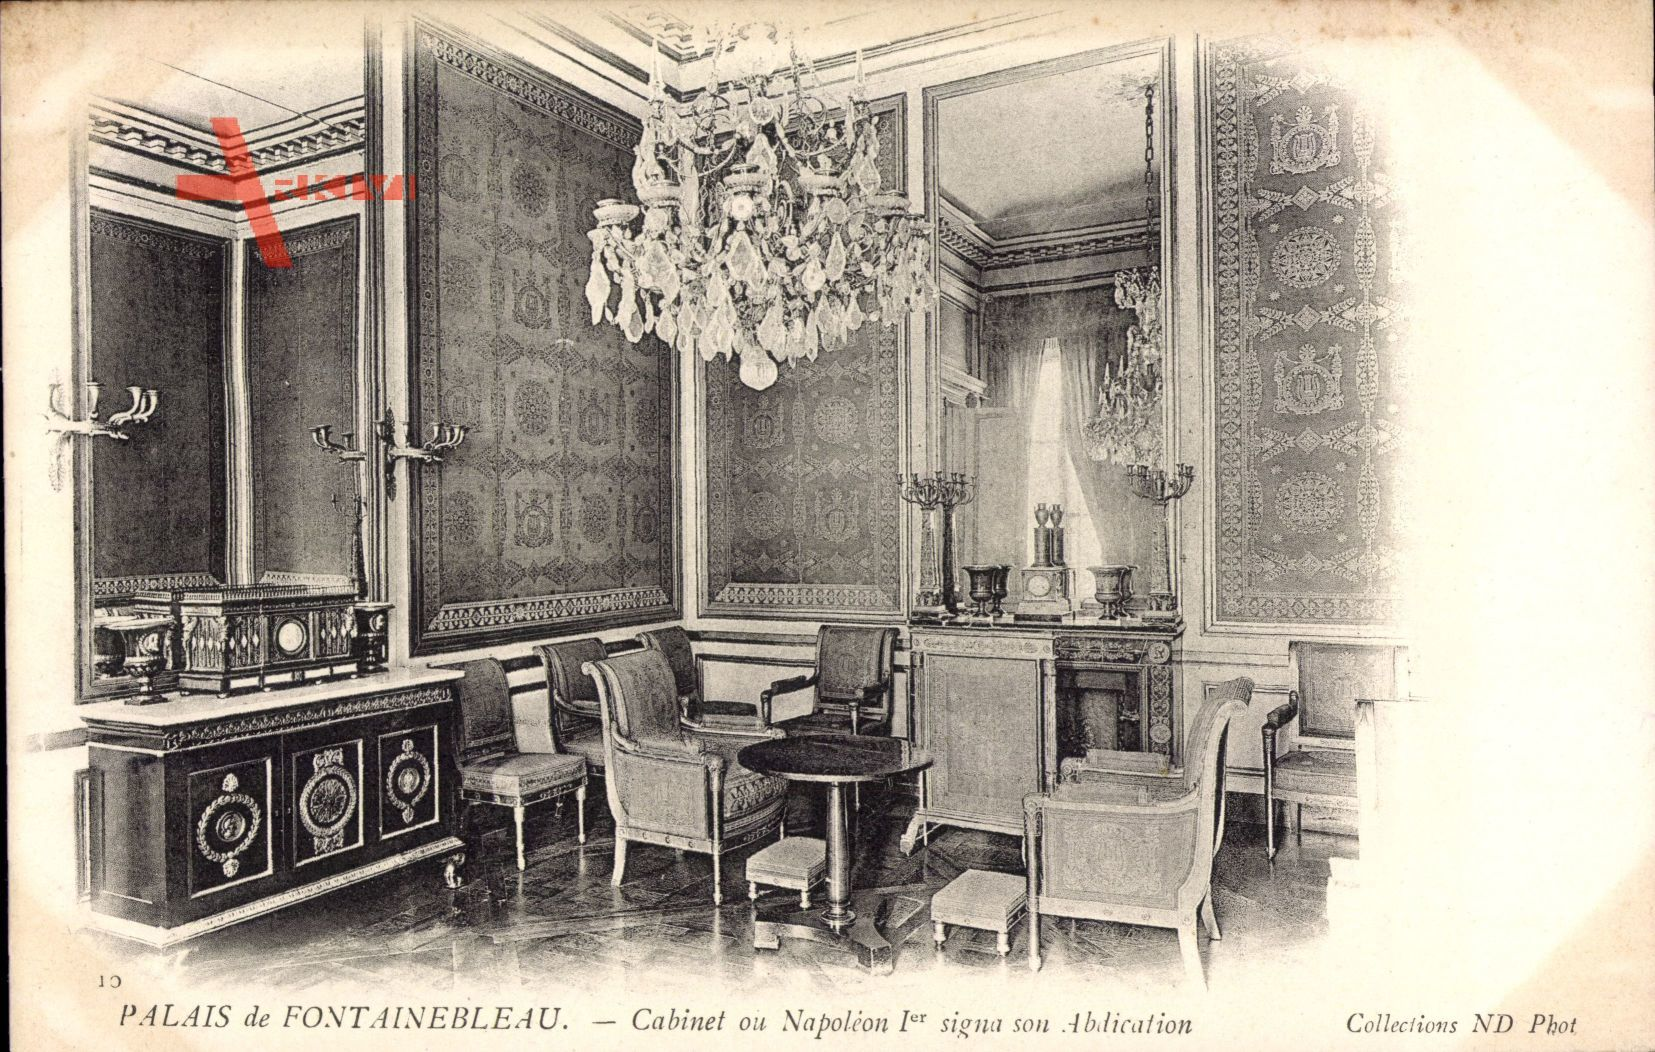 Fontainebleau Seine et Marne, Palais,Cabinet ou Napoleon 1er signa Abdication